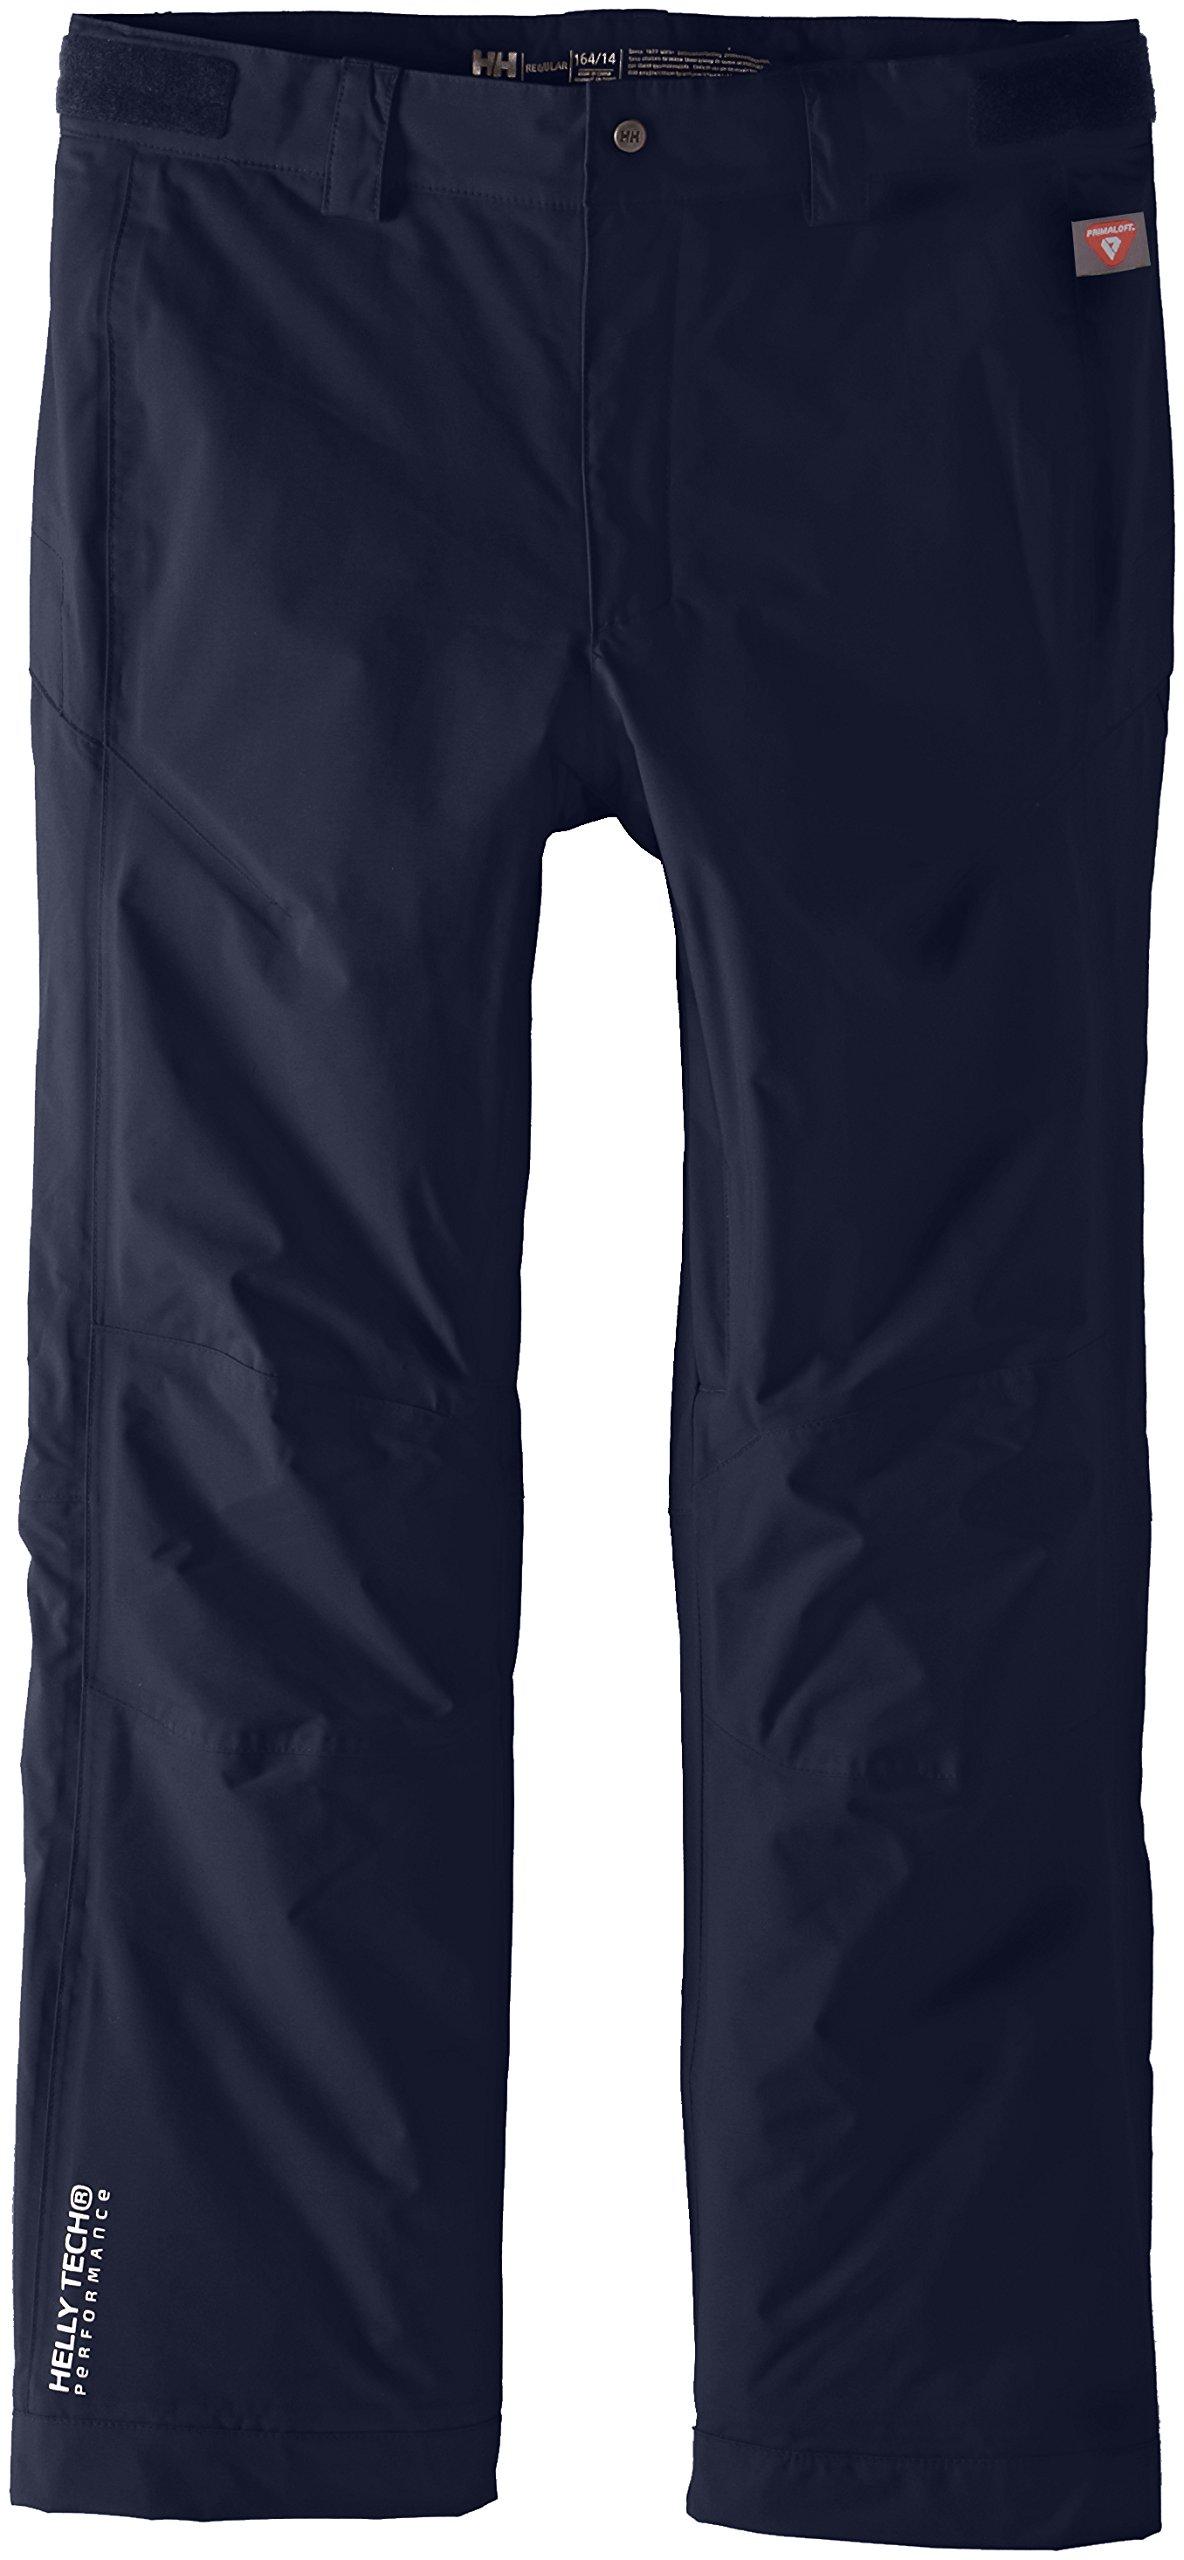 Helly Hansen Junior Kids Legend Insulated Pants, Evening Blue, Size 10